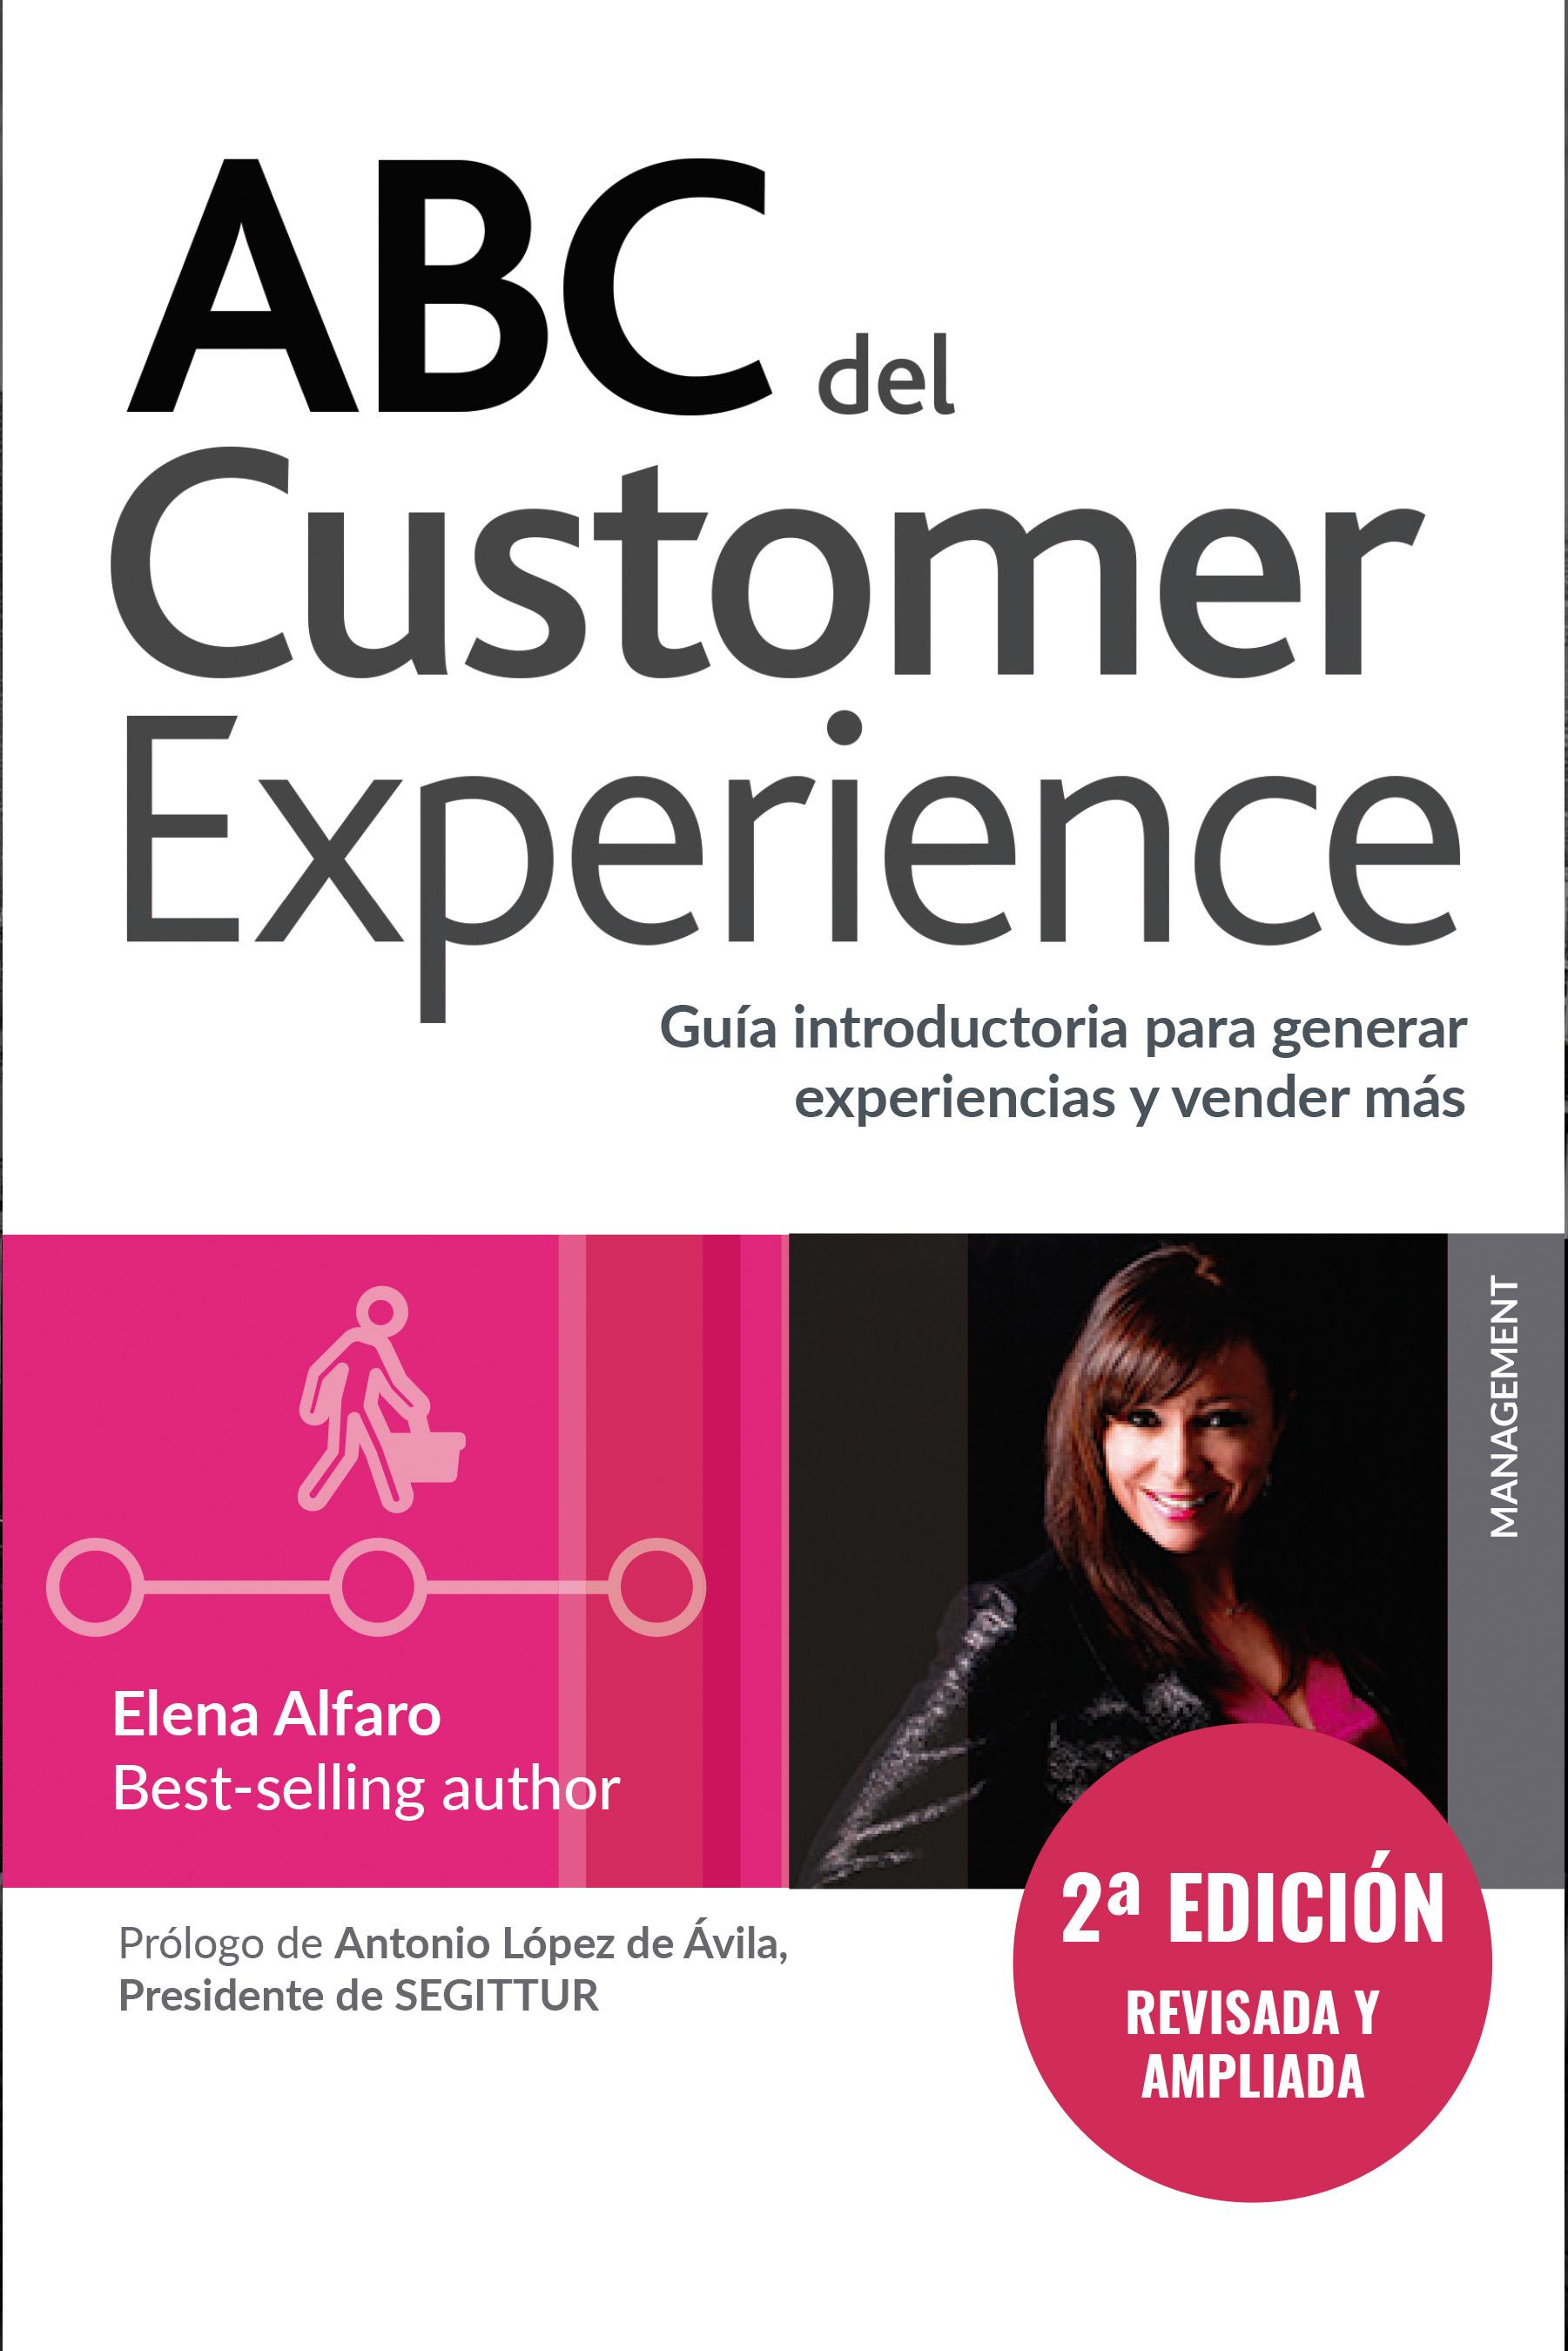 ABC del Customer Experience. 2ª Edición